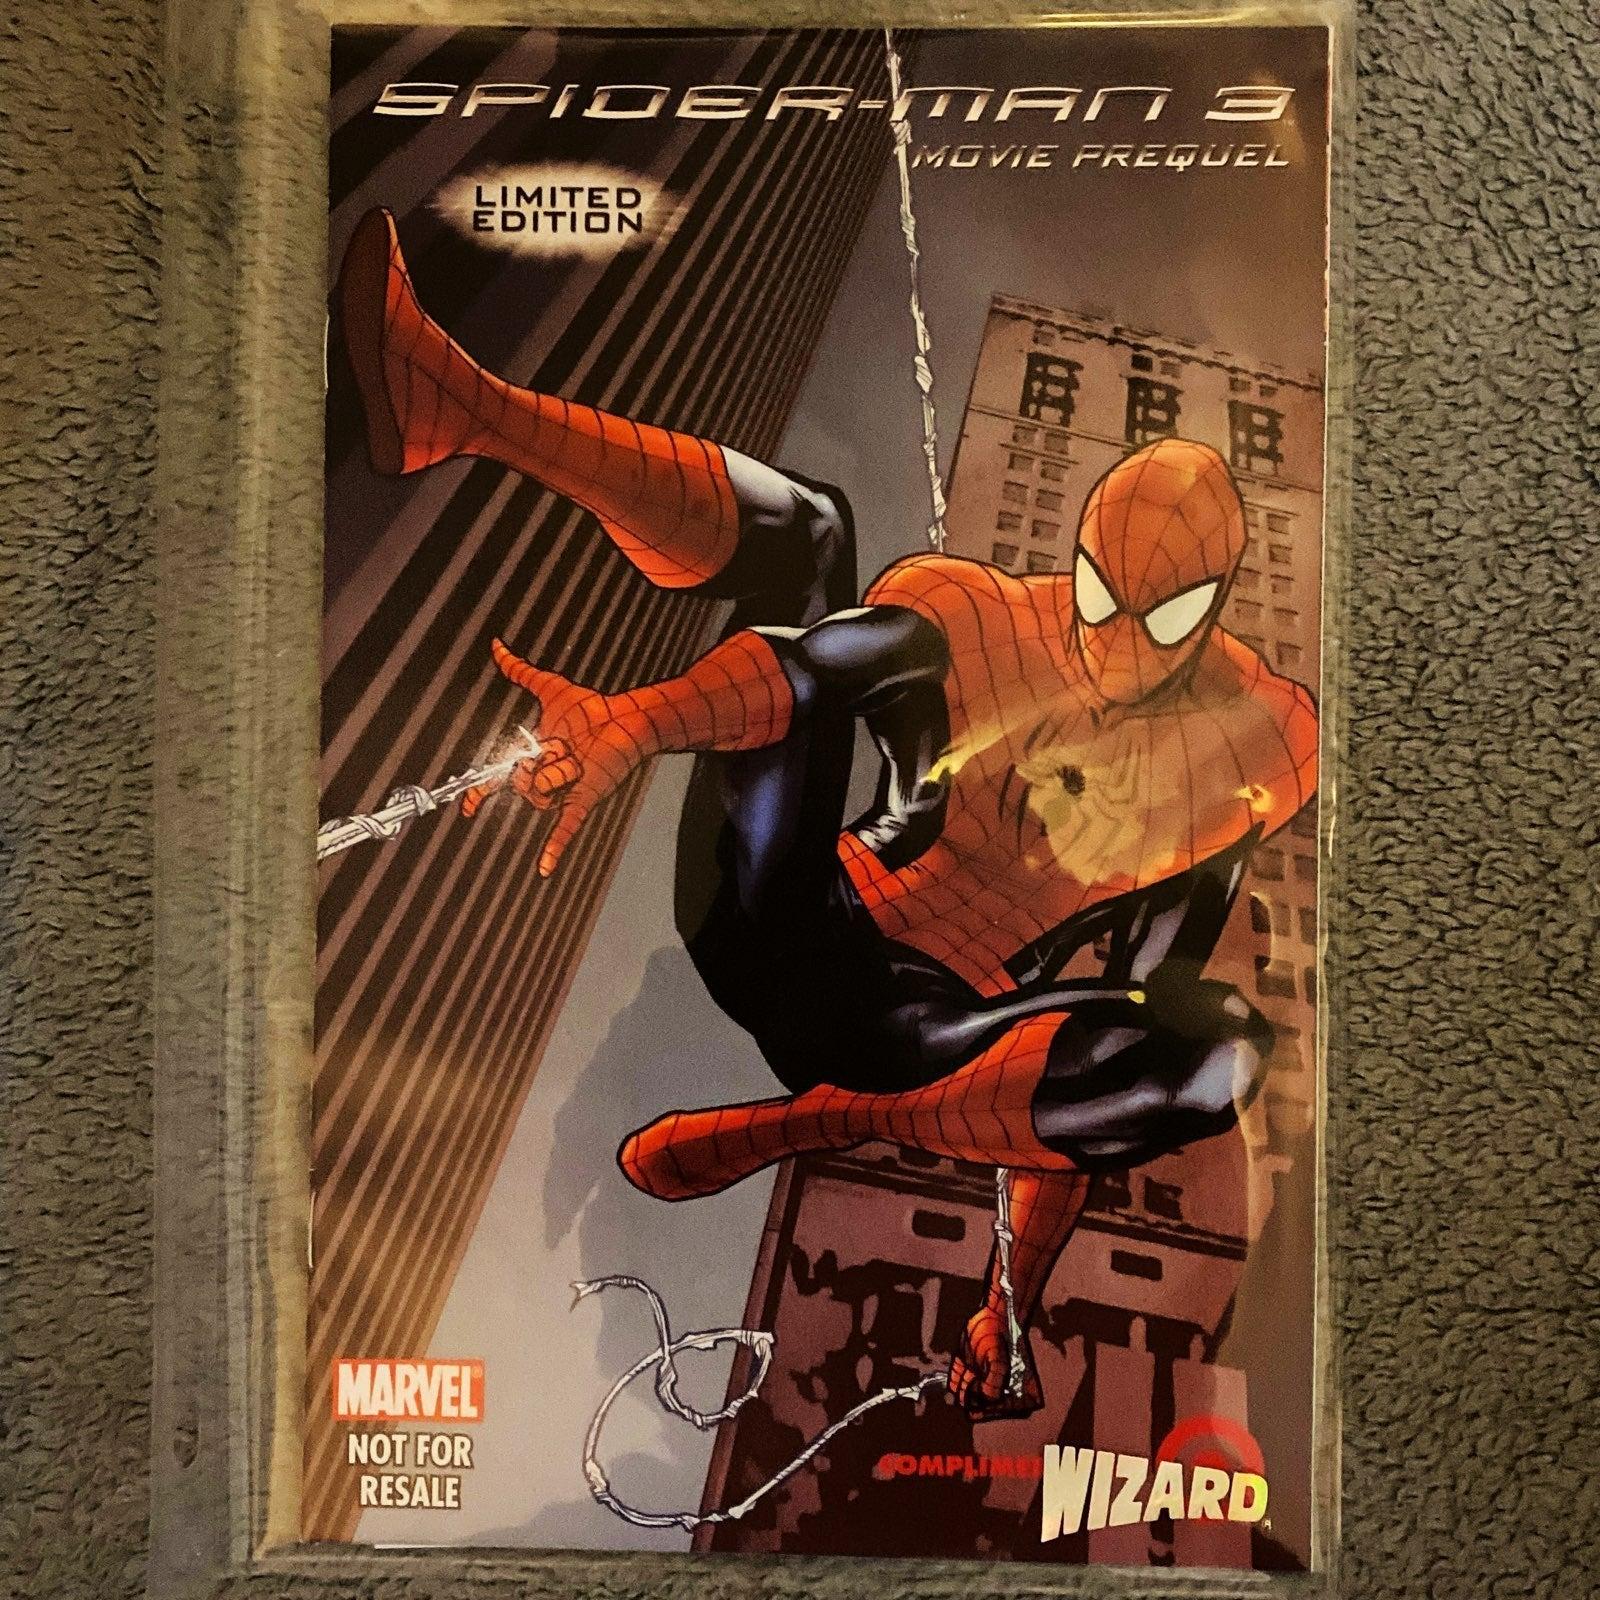 Marvel 2007 Spider-Man 3 Movie Prequel